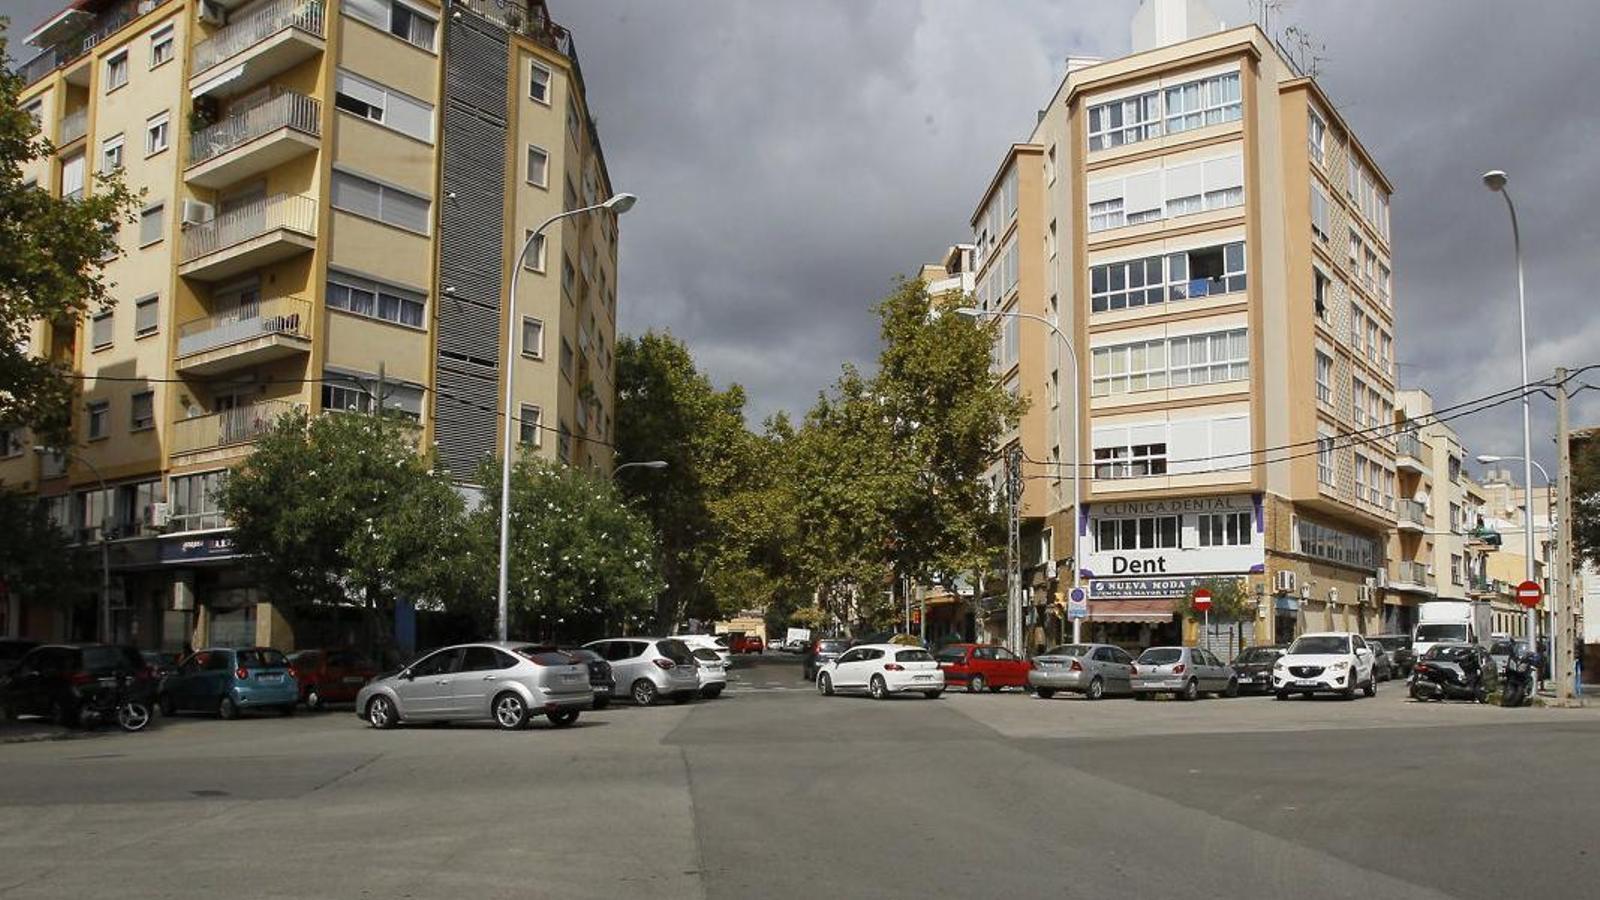 Pere Garau va sorgir arran de la demolició de les muralles i l'eixamplament de Palma.